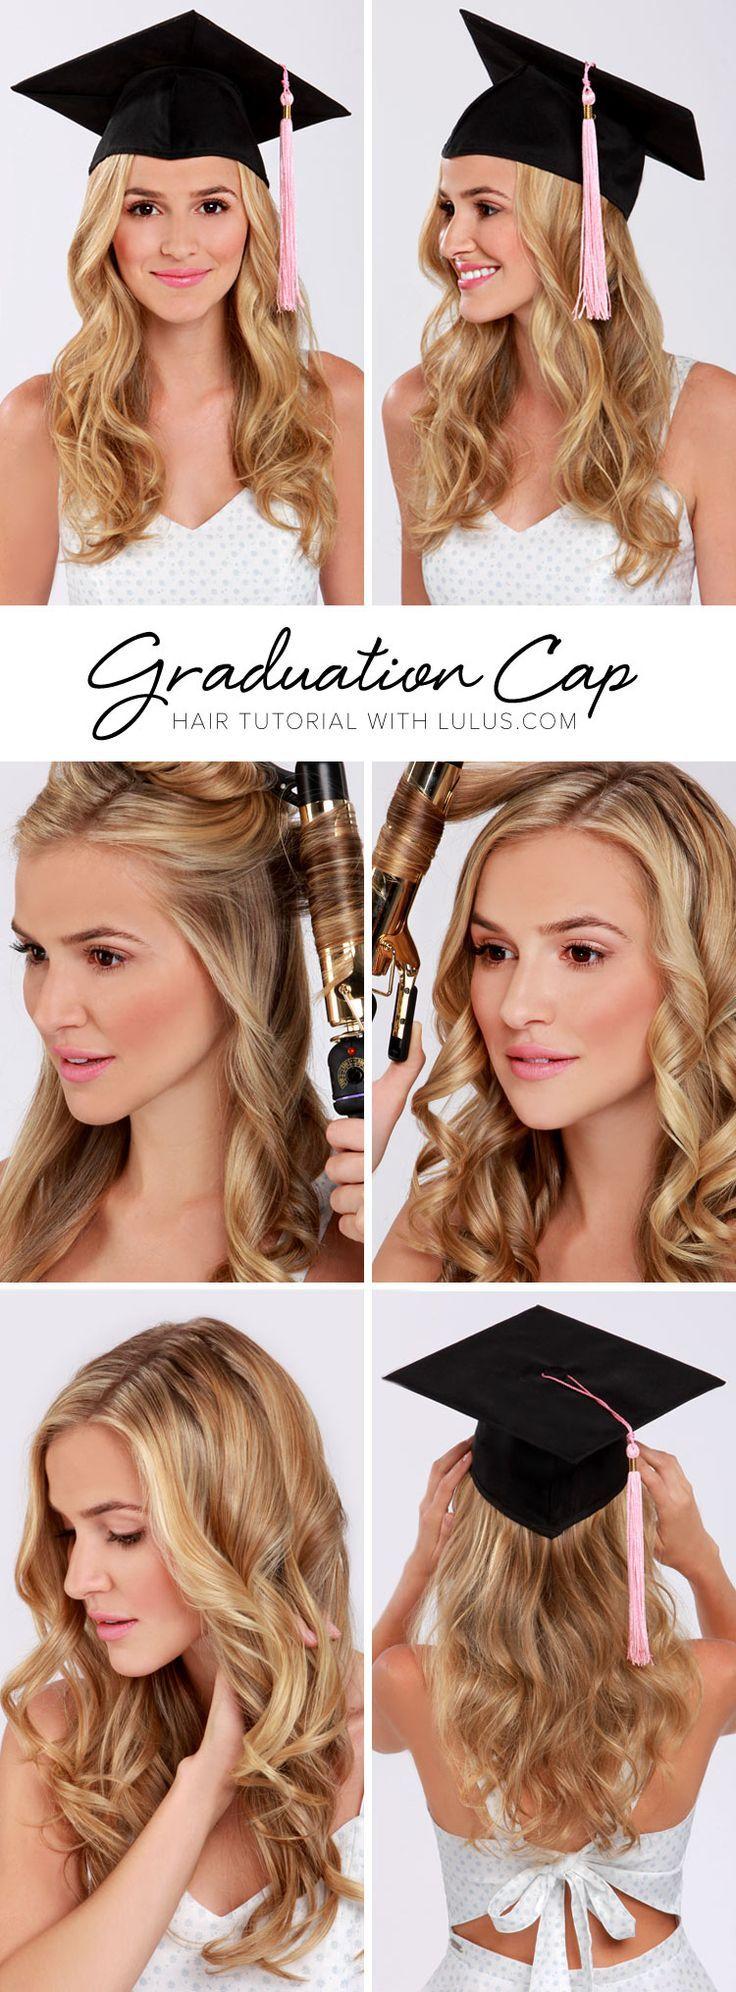 cute and simple hair style ideas